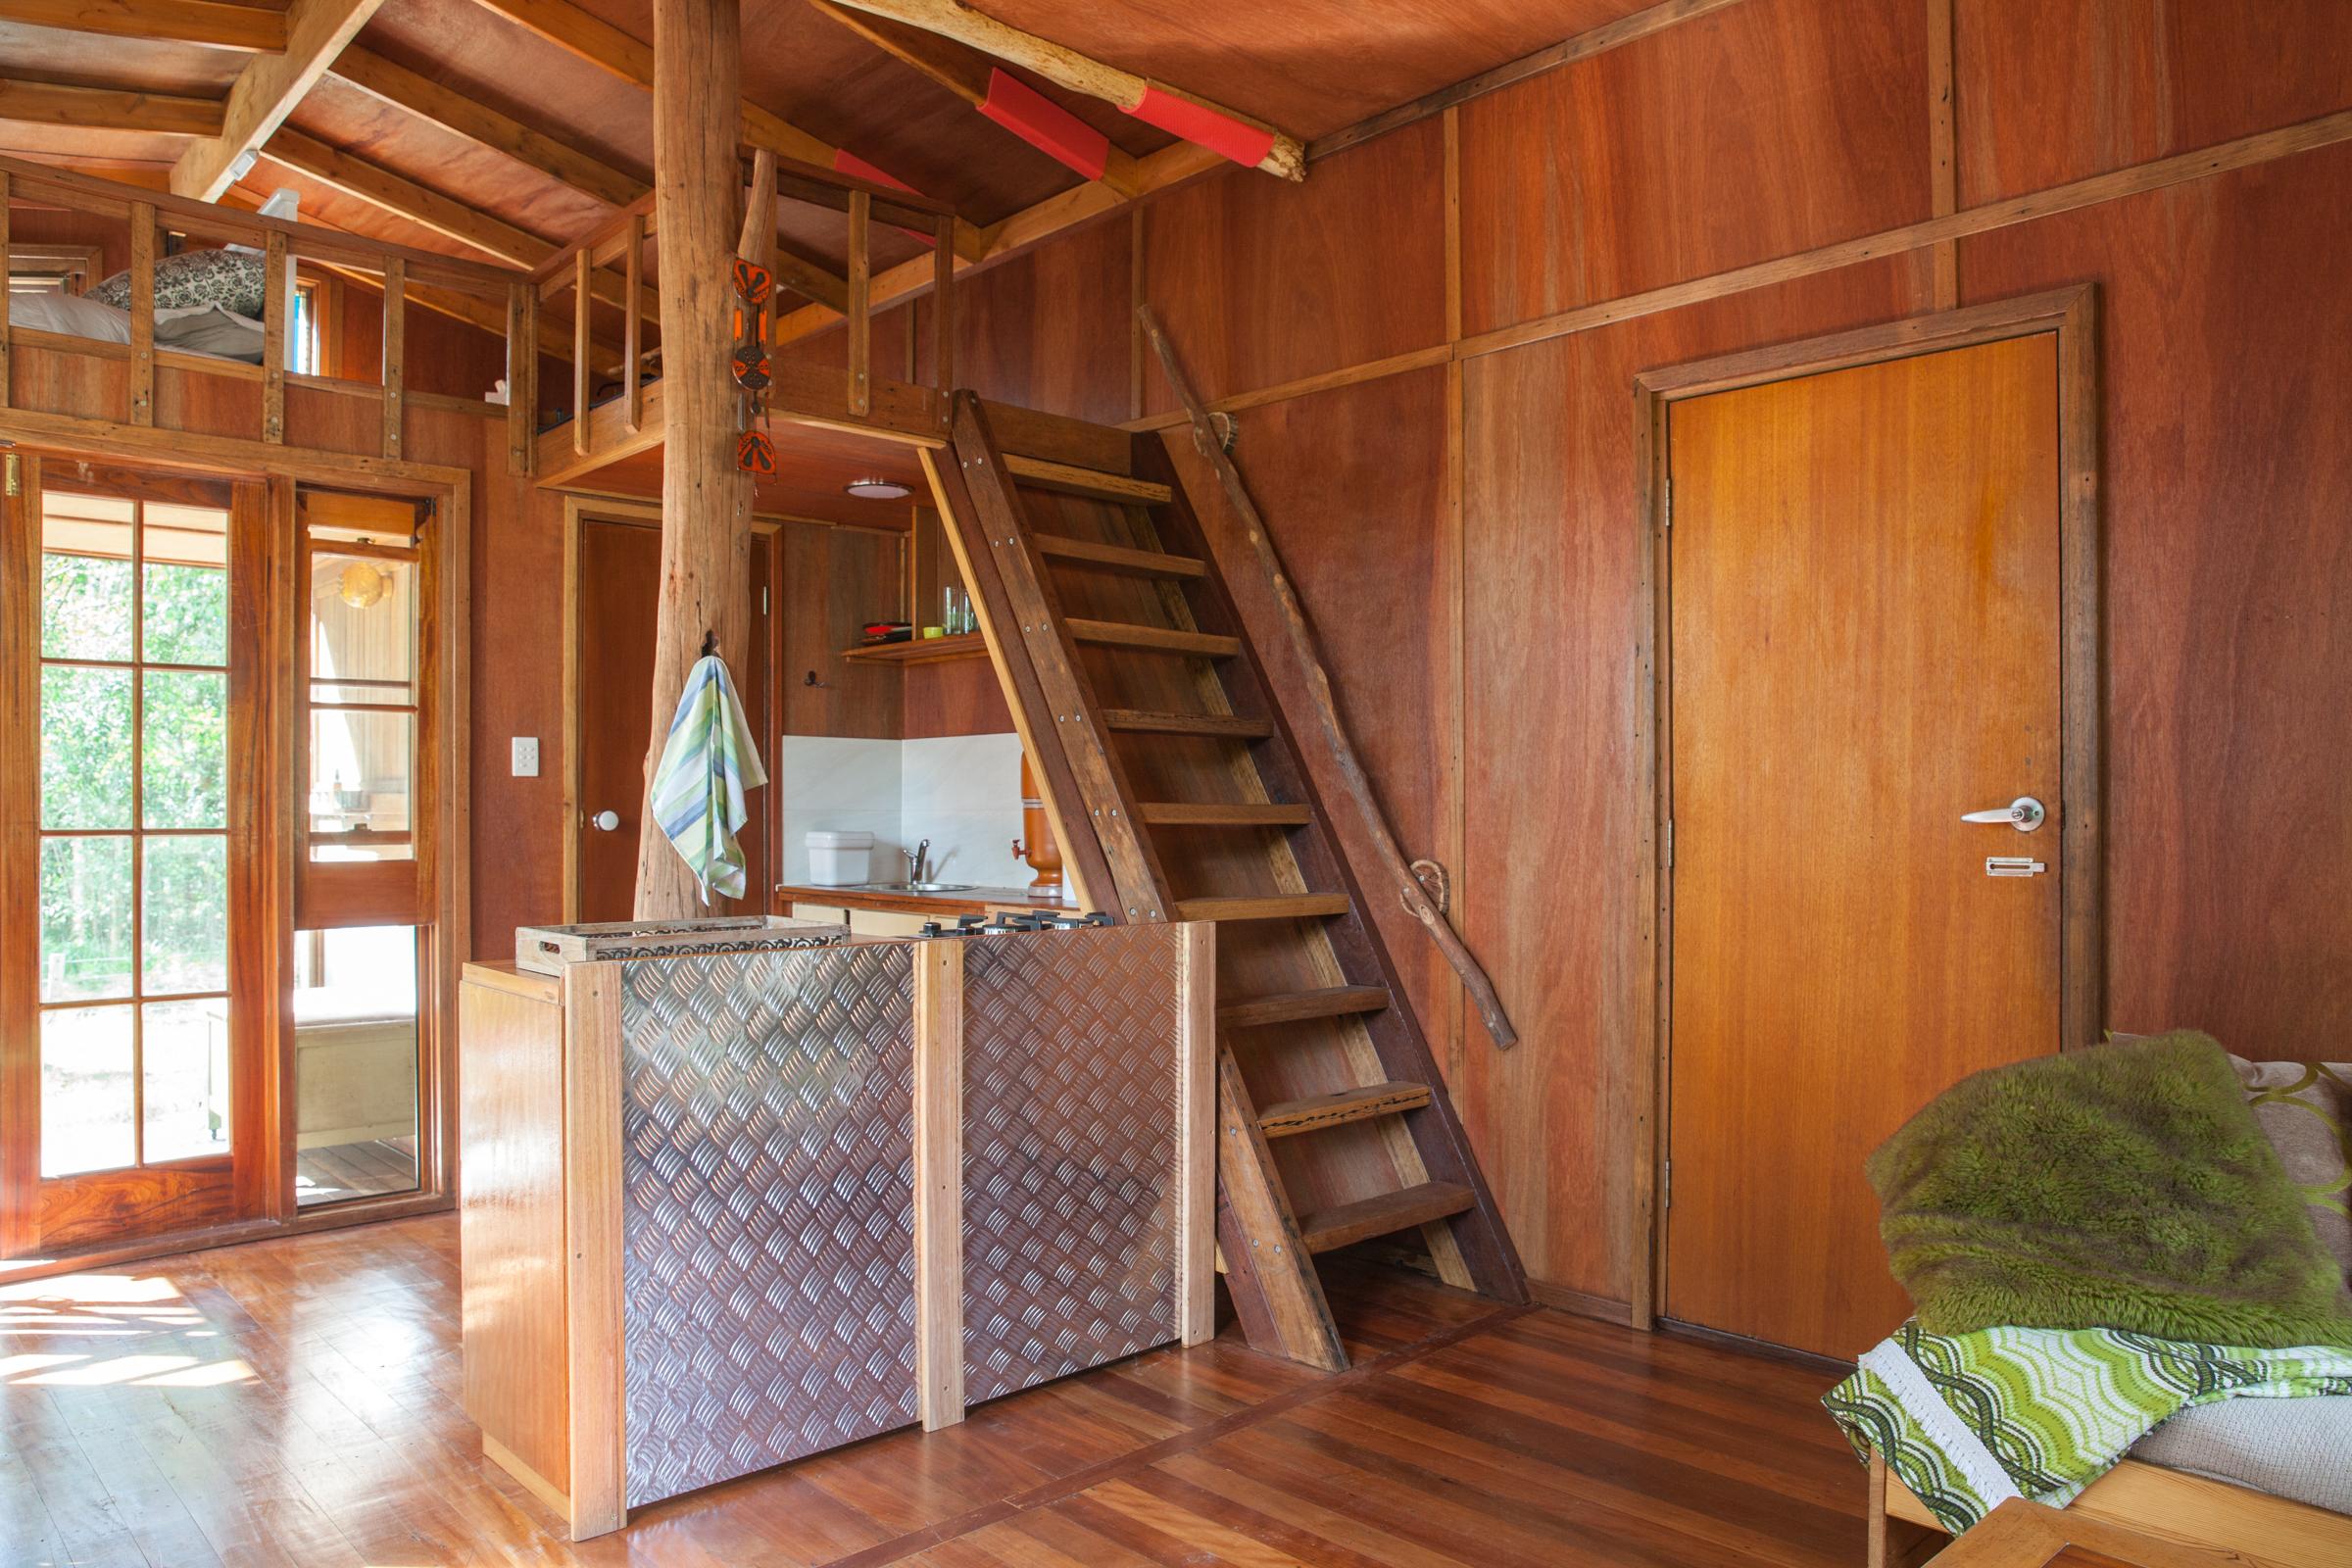 20170505_sanctuary cabin_0004.jpg